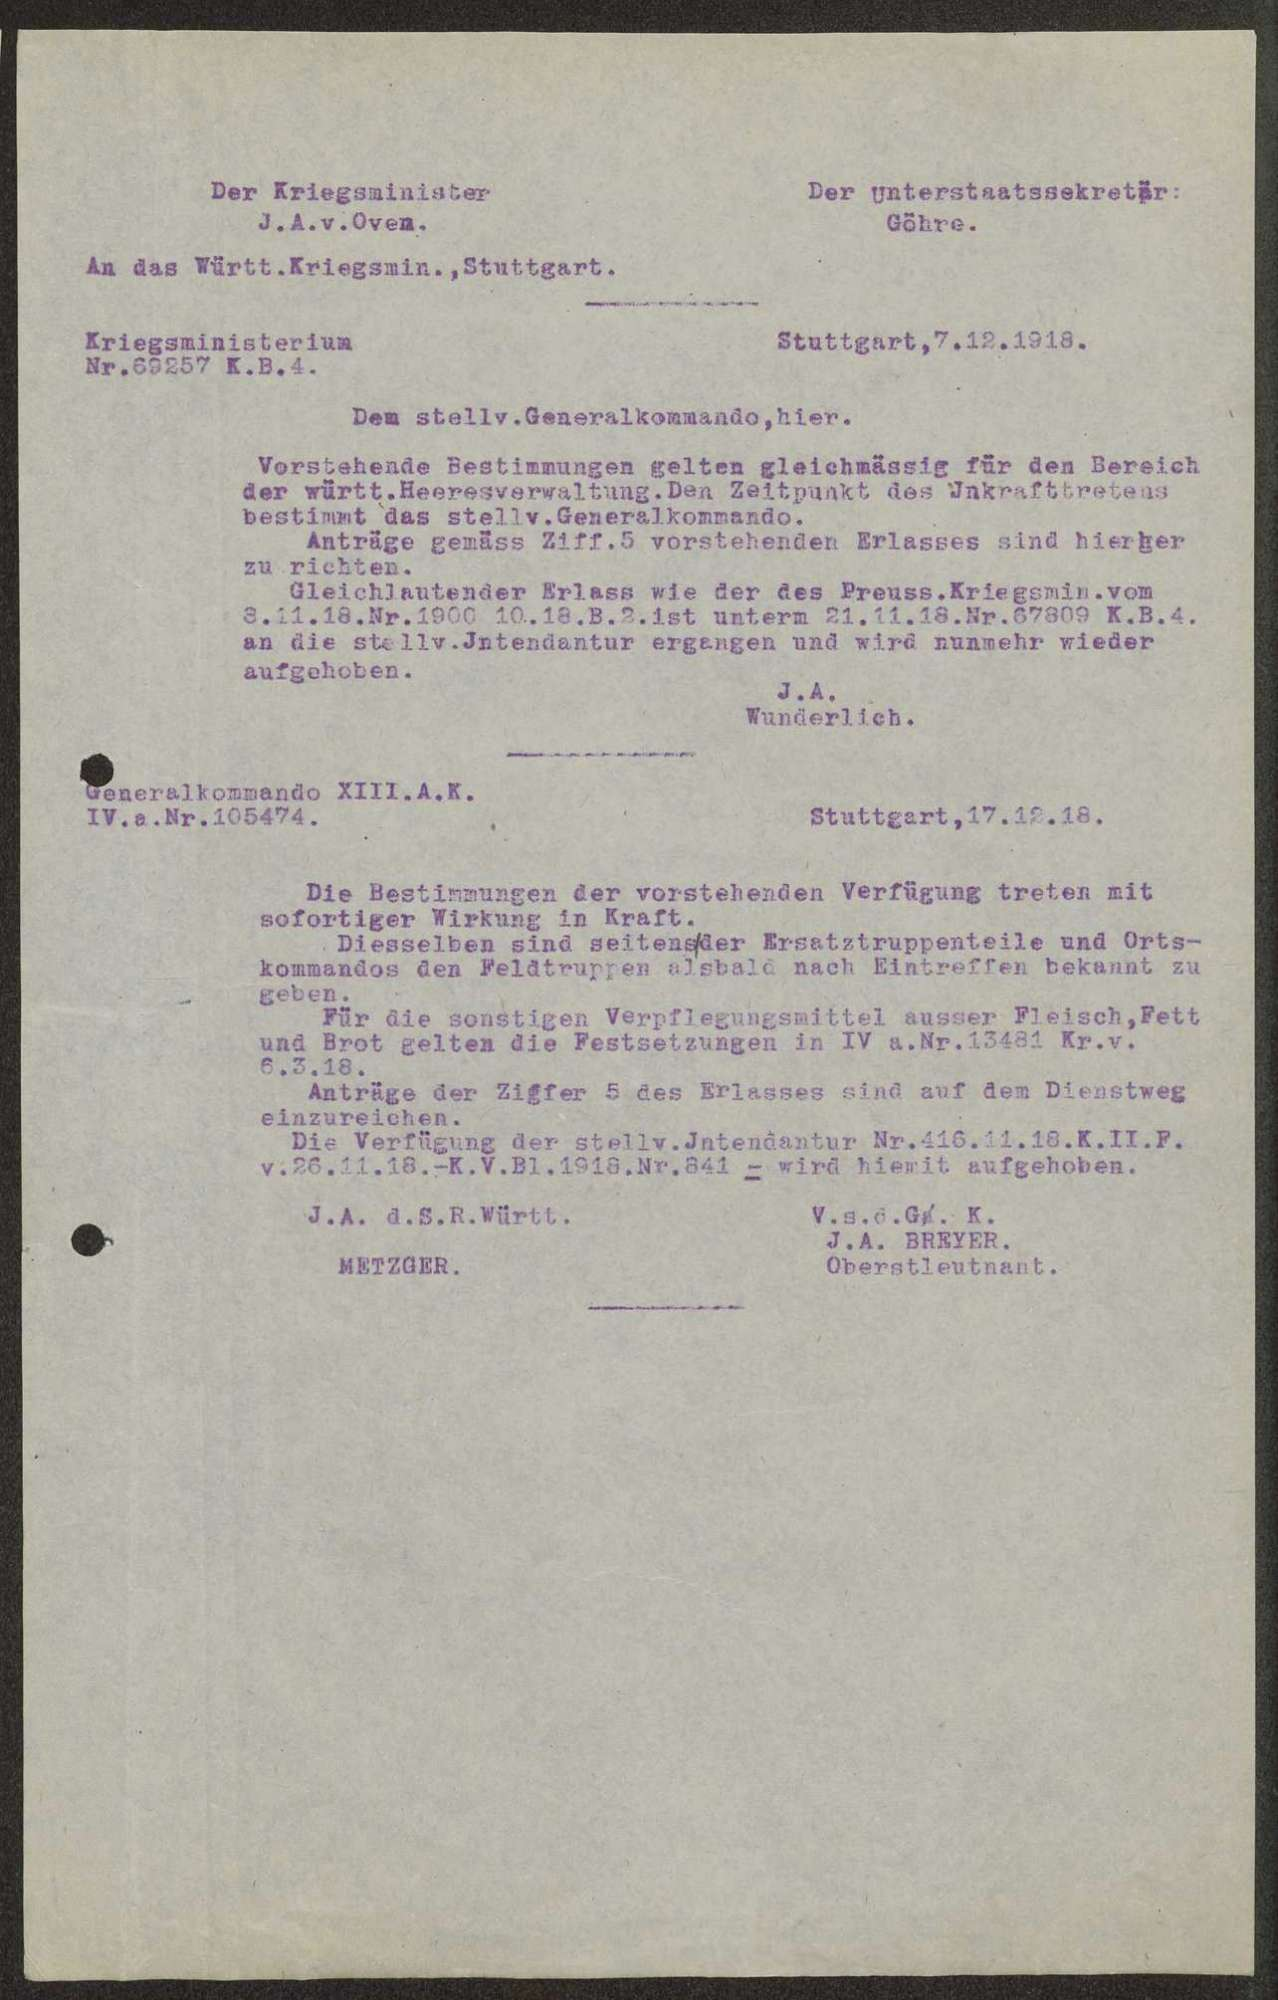 Allgemeine Bestimmungen über Löhnung, Zulagen und Verpflegungssätze für Mannschaften einschließlich Sicherheitstruppen und Zivilarbeiter, Bild 3